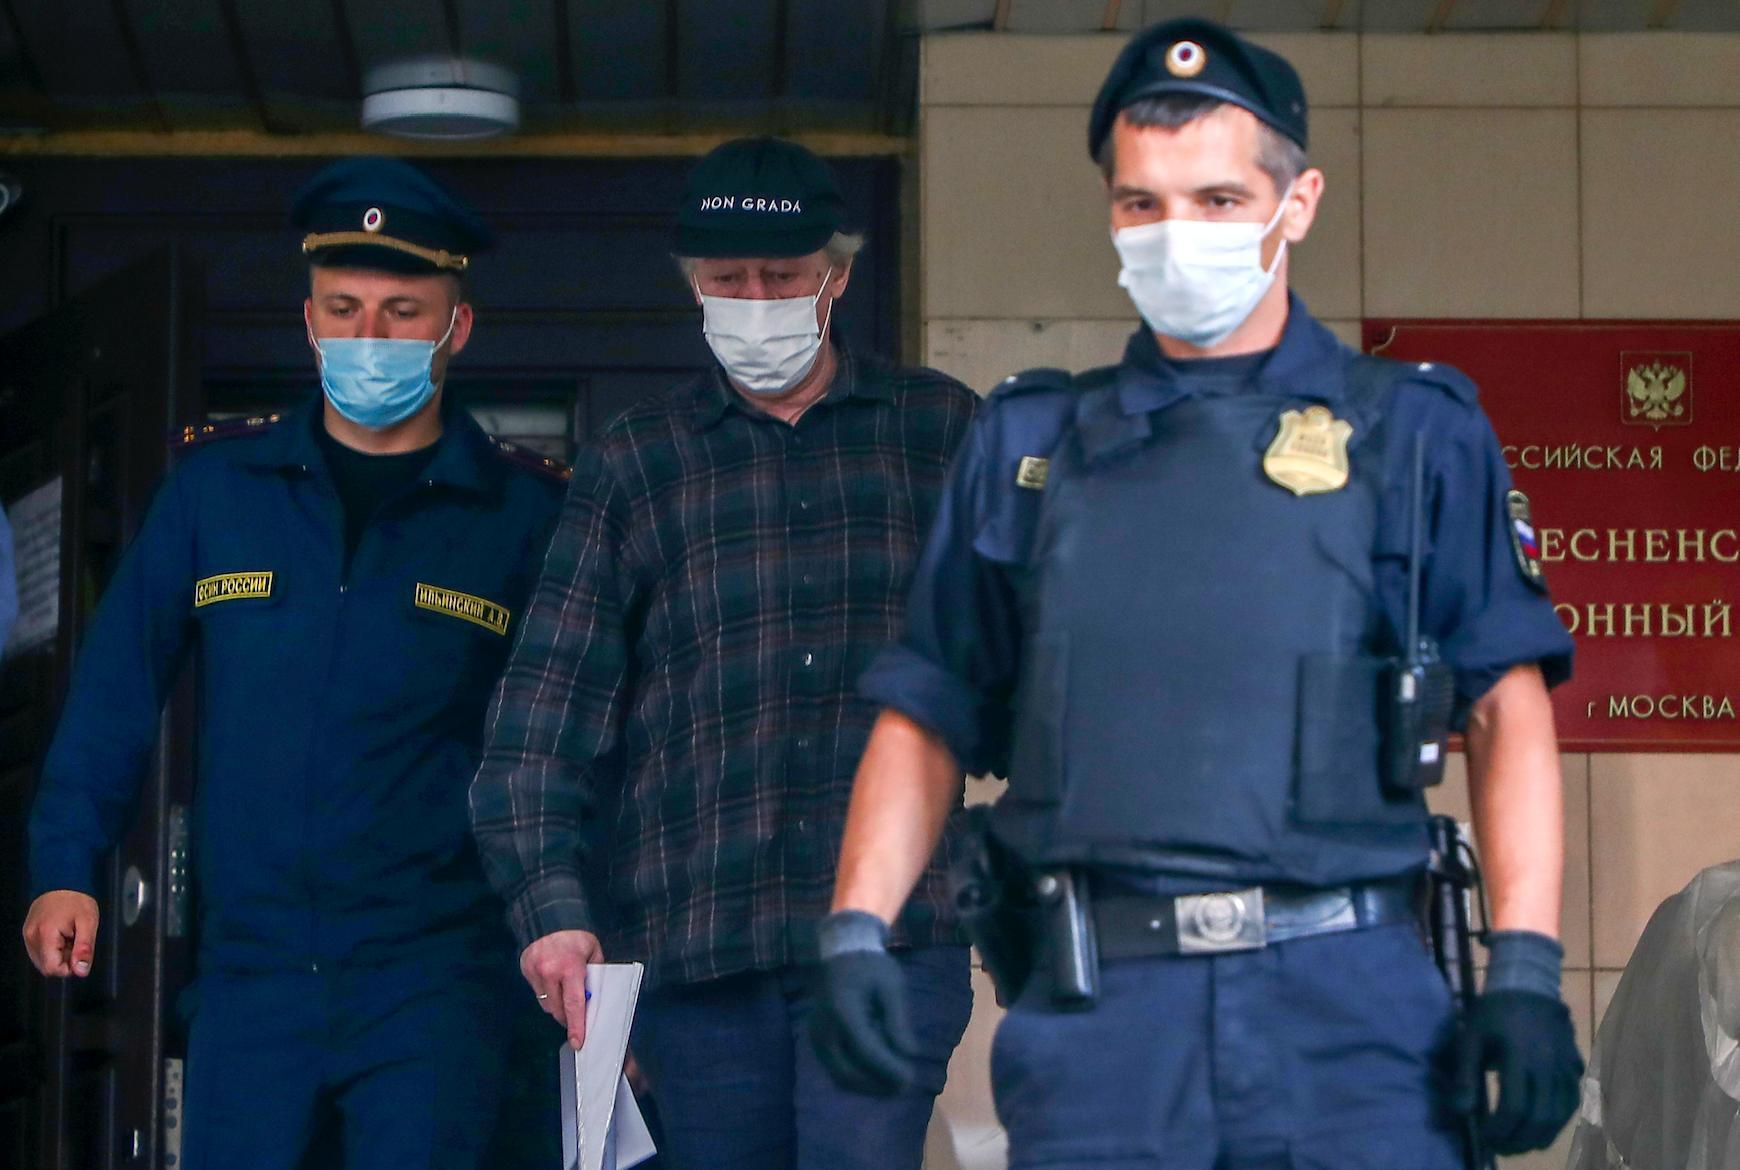 Допрос Ефремова в суде по делу о смертельном ДТП может пройти 11 августа